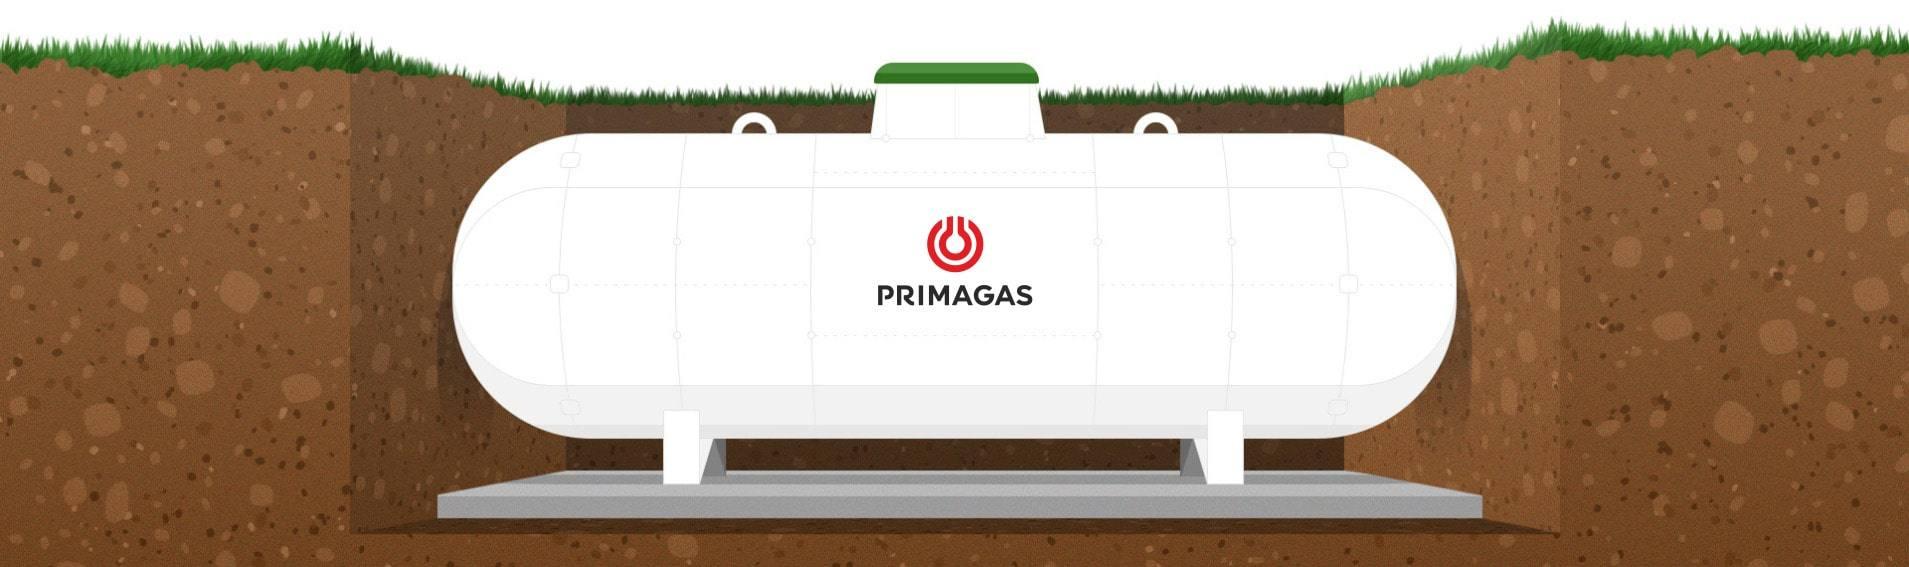 LPG nádrž PRIMAGAS podzemní